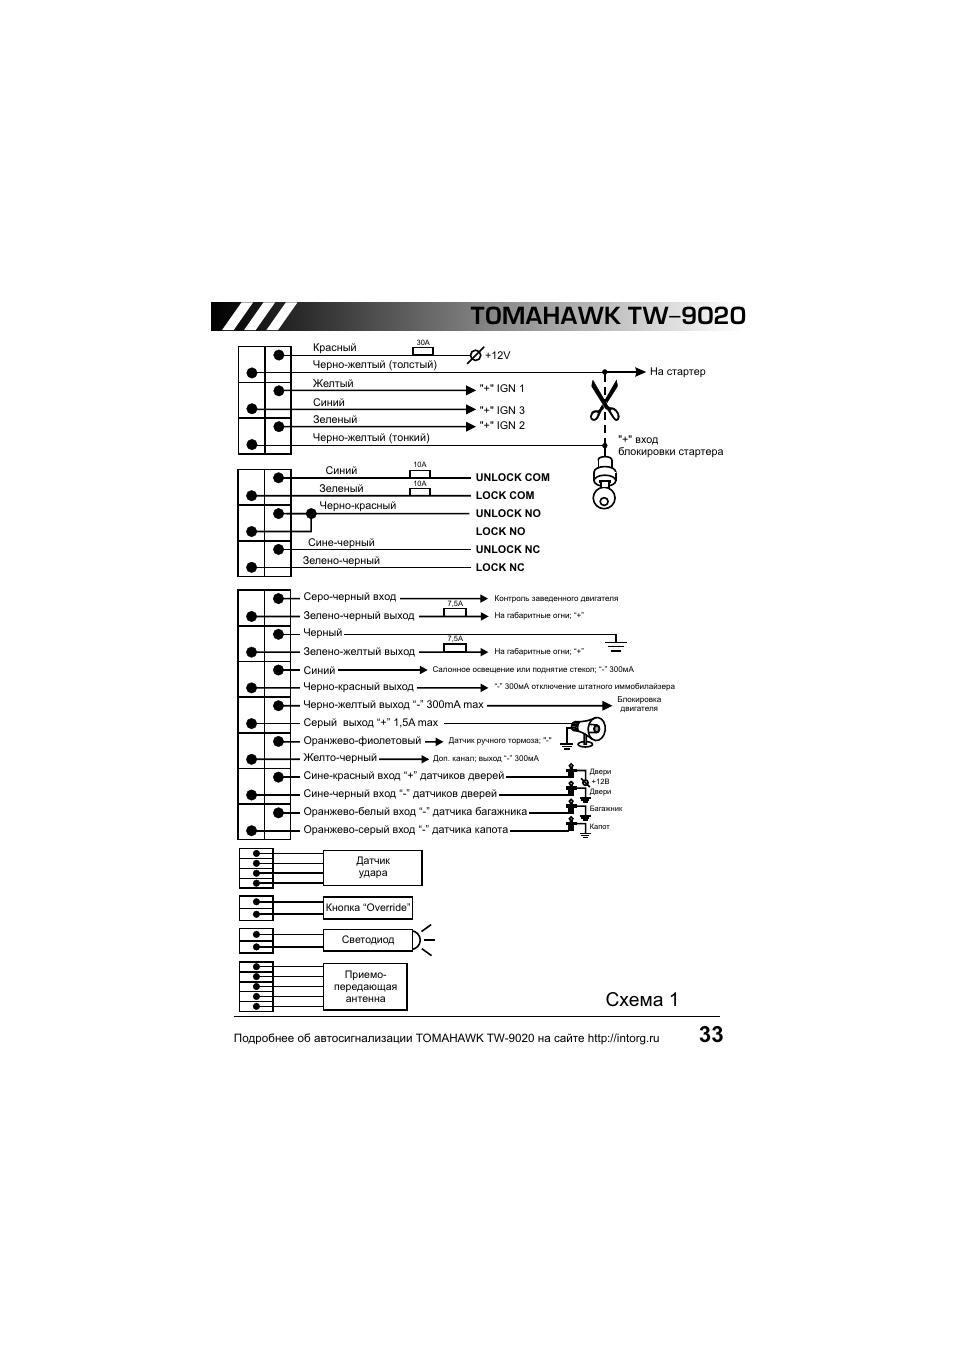 Tomahawk tw 9020 схема